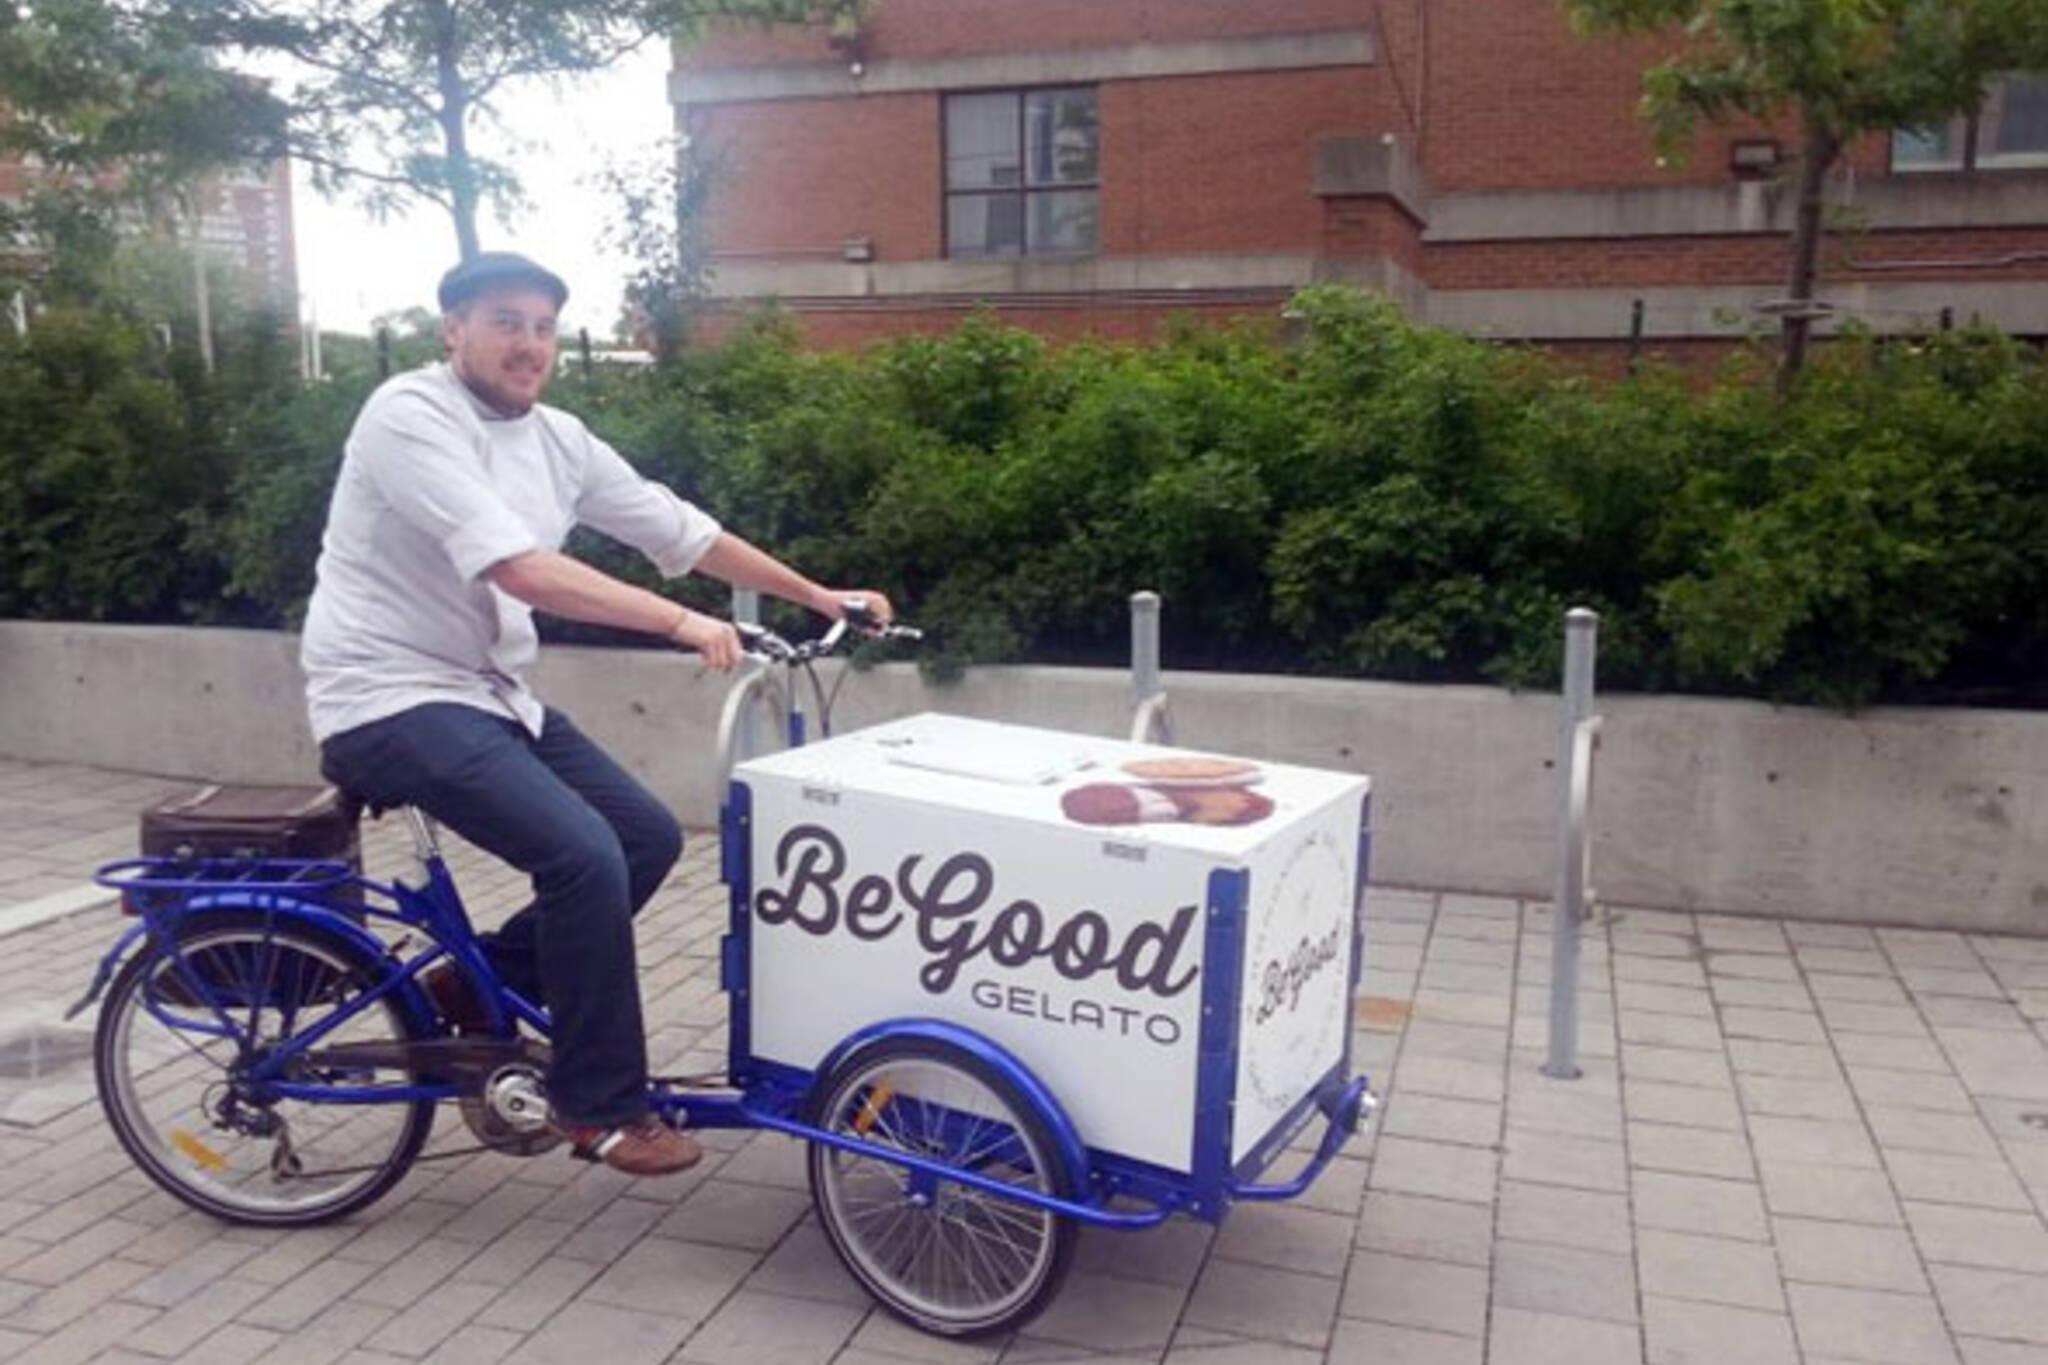 Be good gelato